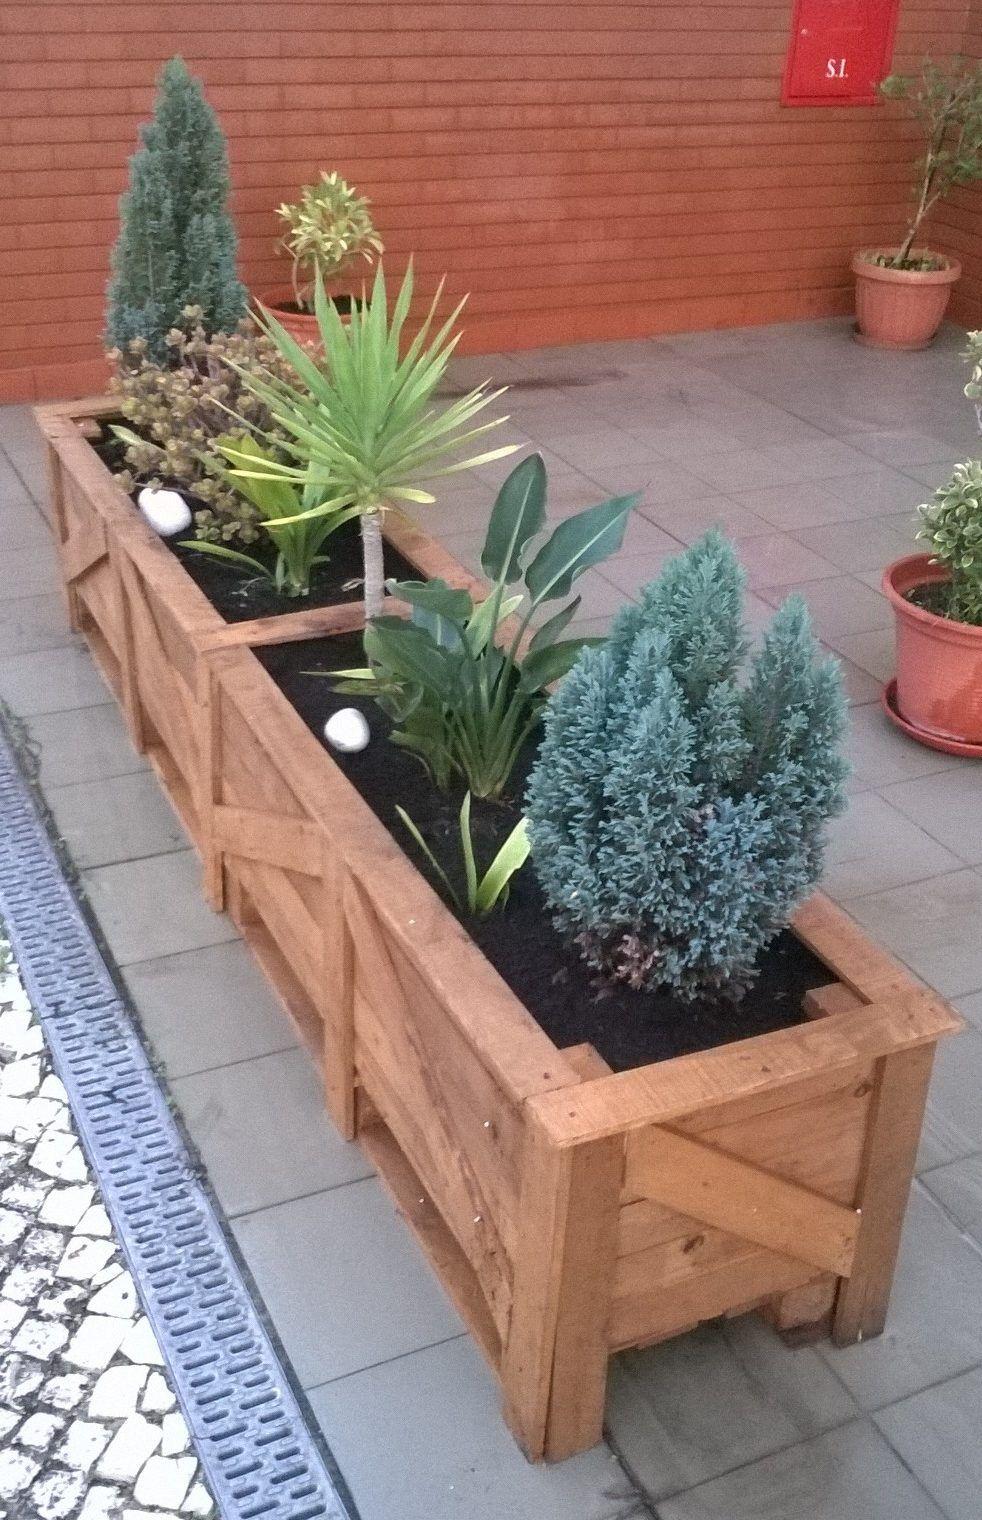 Complete Pallet Garden Set Pallet Ideas 1001 Pallets: Pair O' Patio Pallet Planters